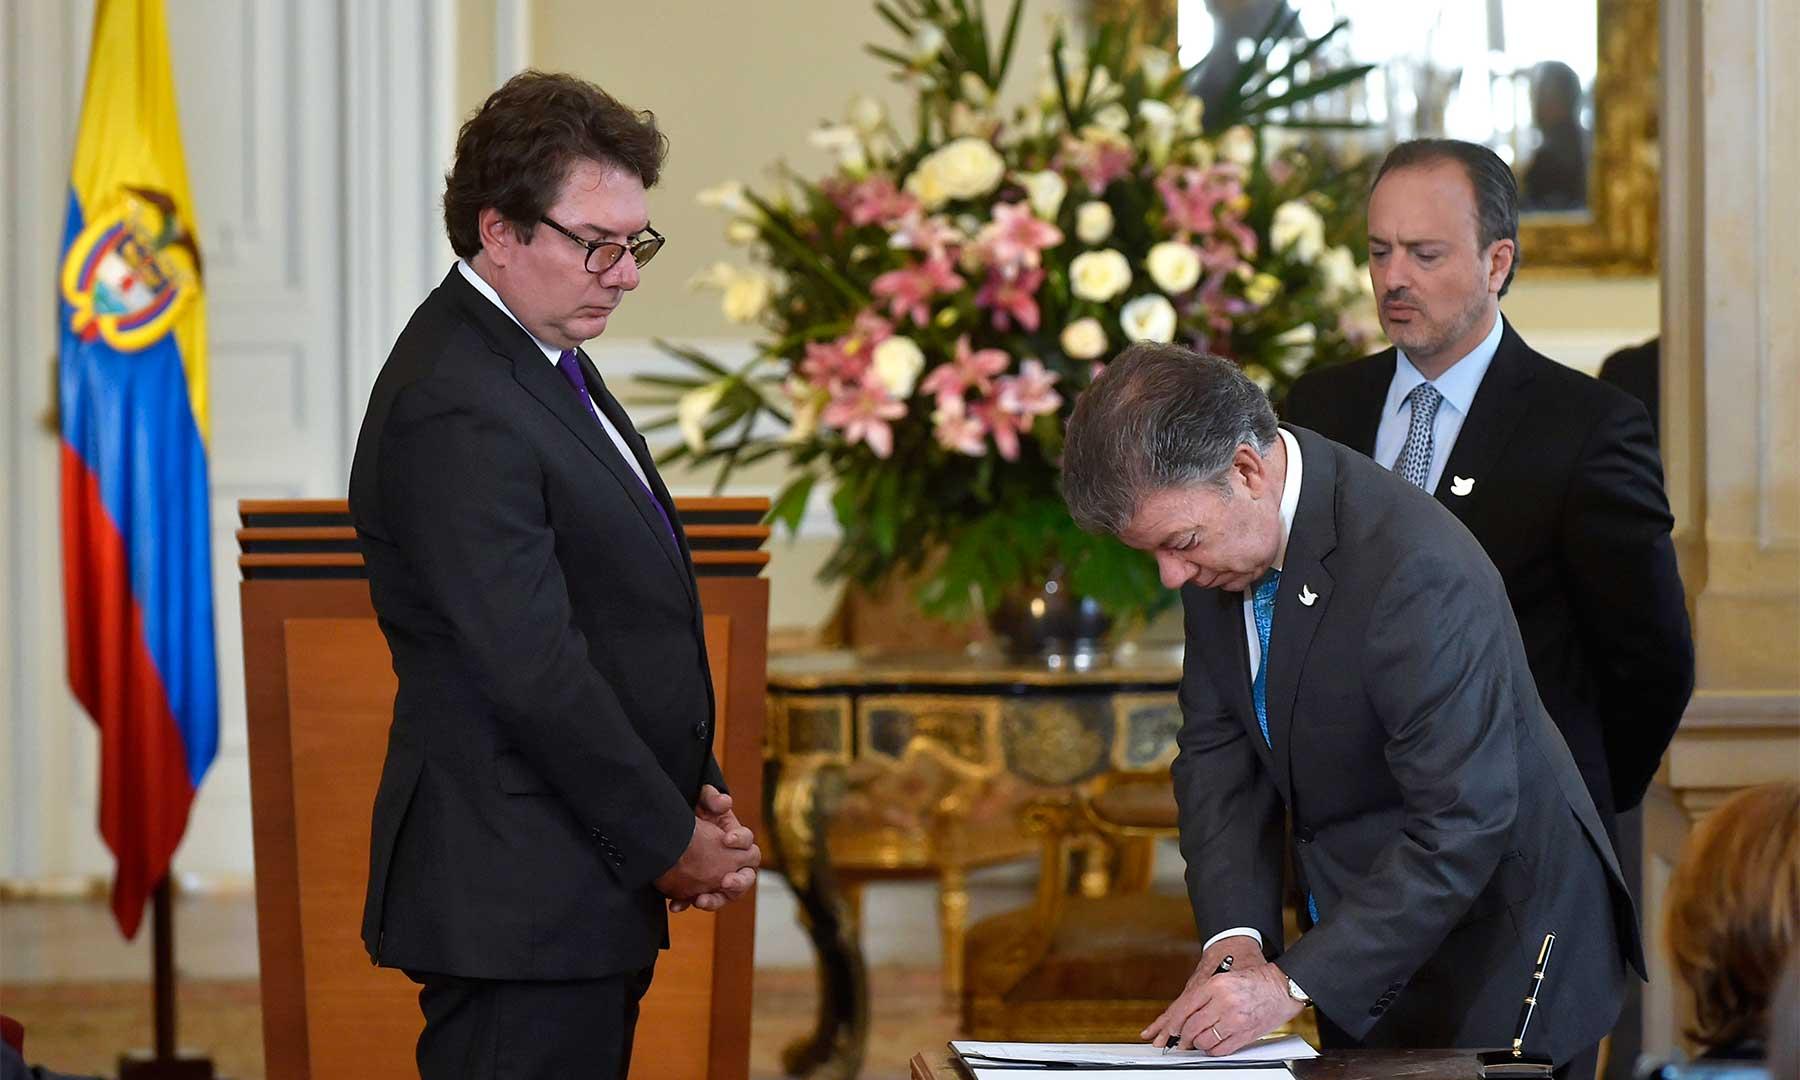 El Presidente Santos firma el acta de posesión de Juan Carlos Restrepo como nuevo Director de Seguridad, quien tendrá el reto de luchar contra el crimen organizado y el robo de celulares.